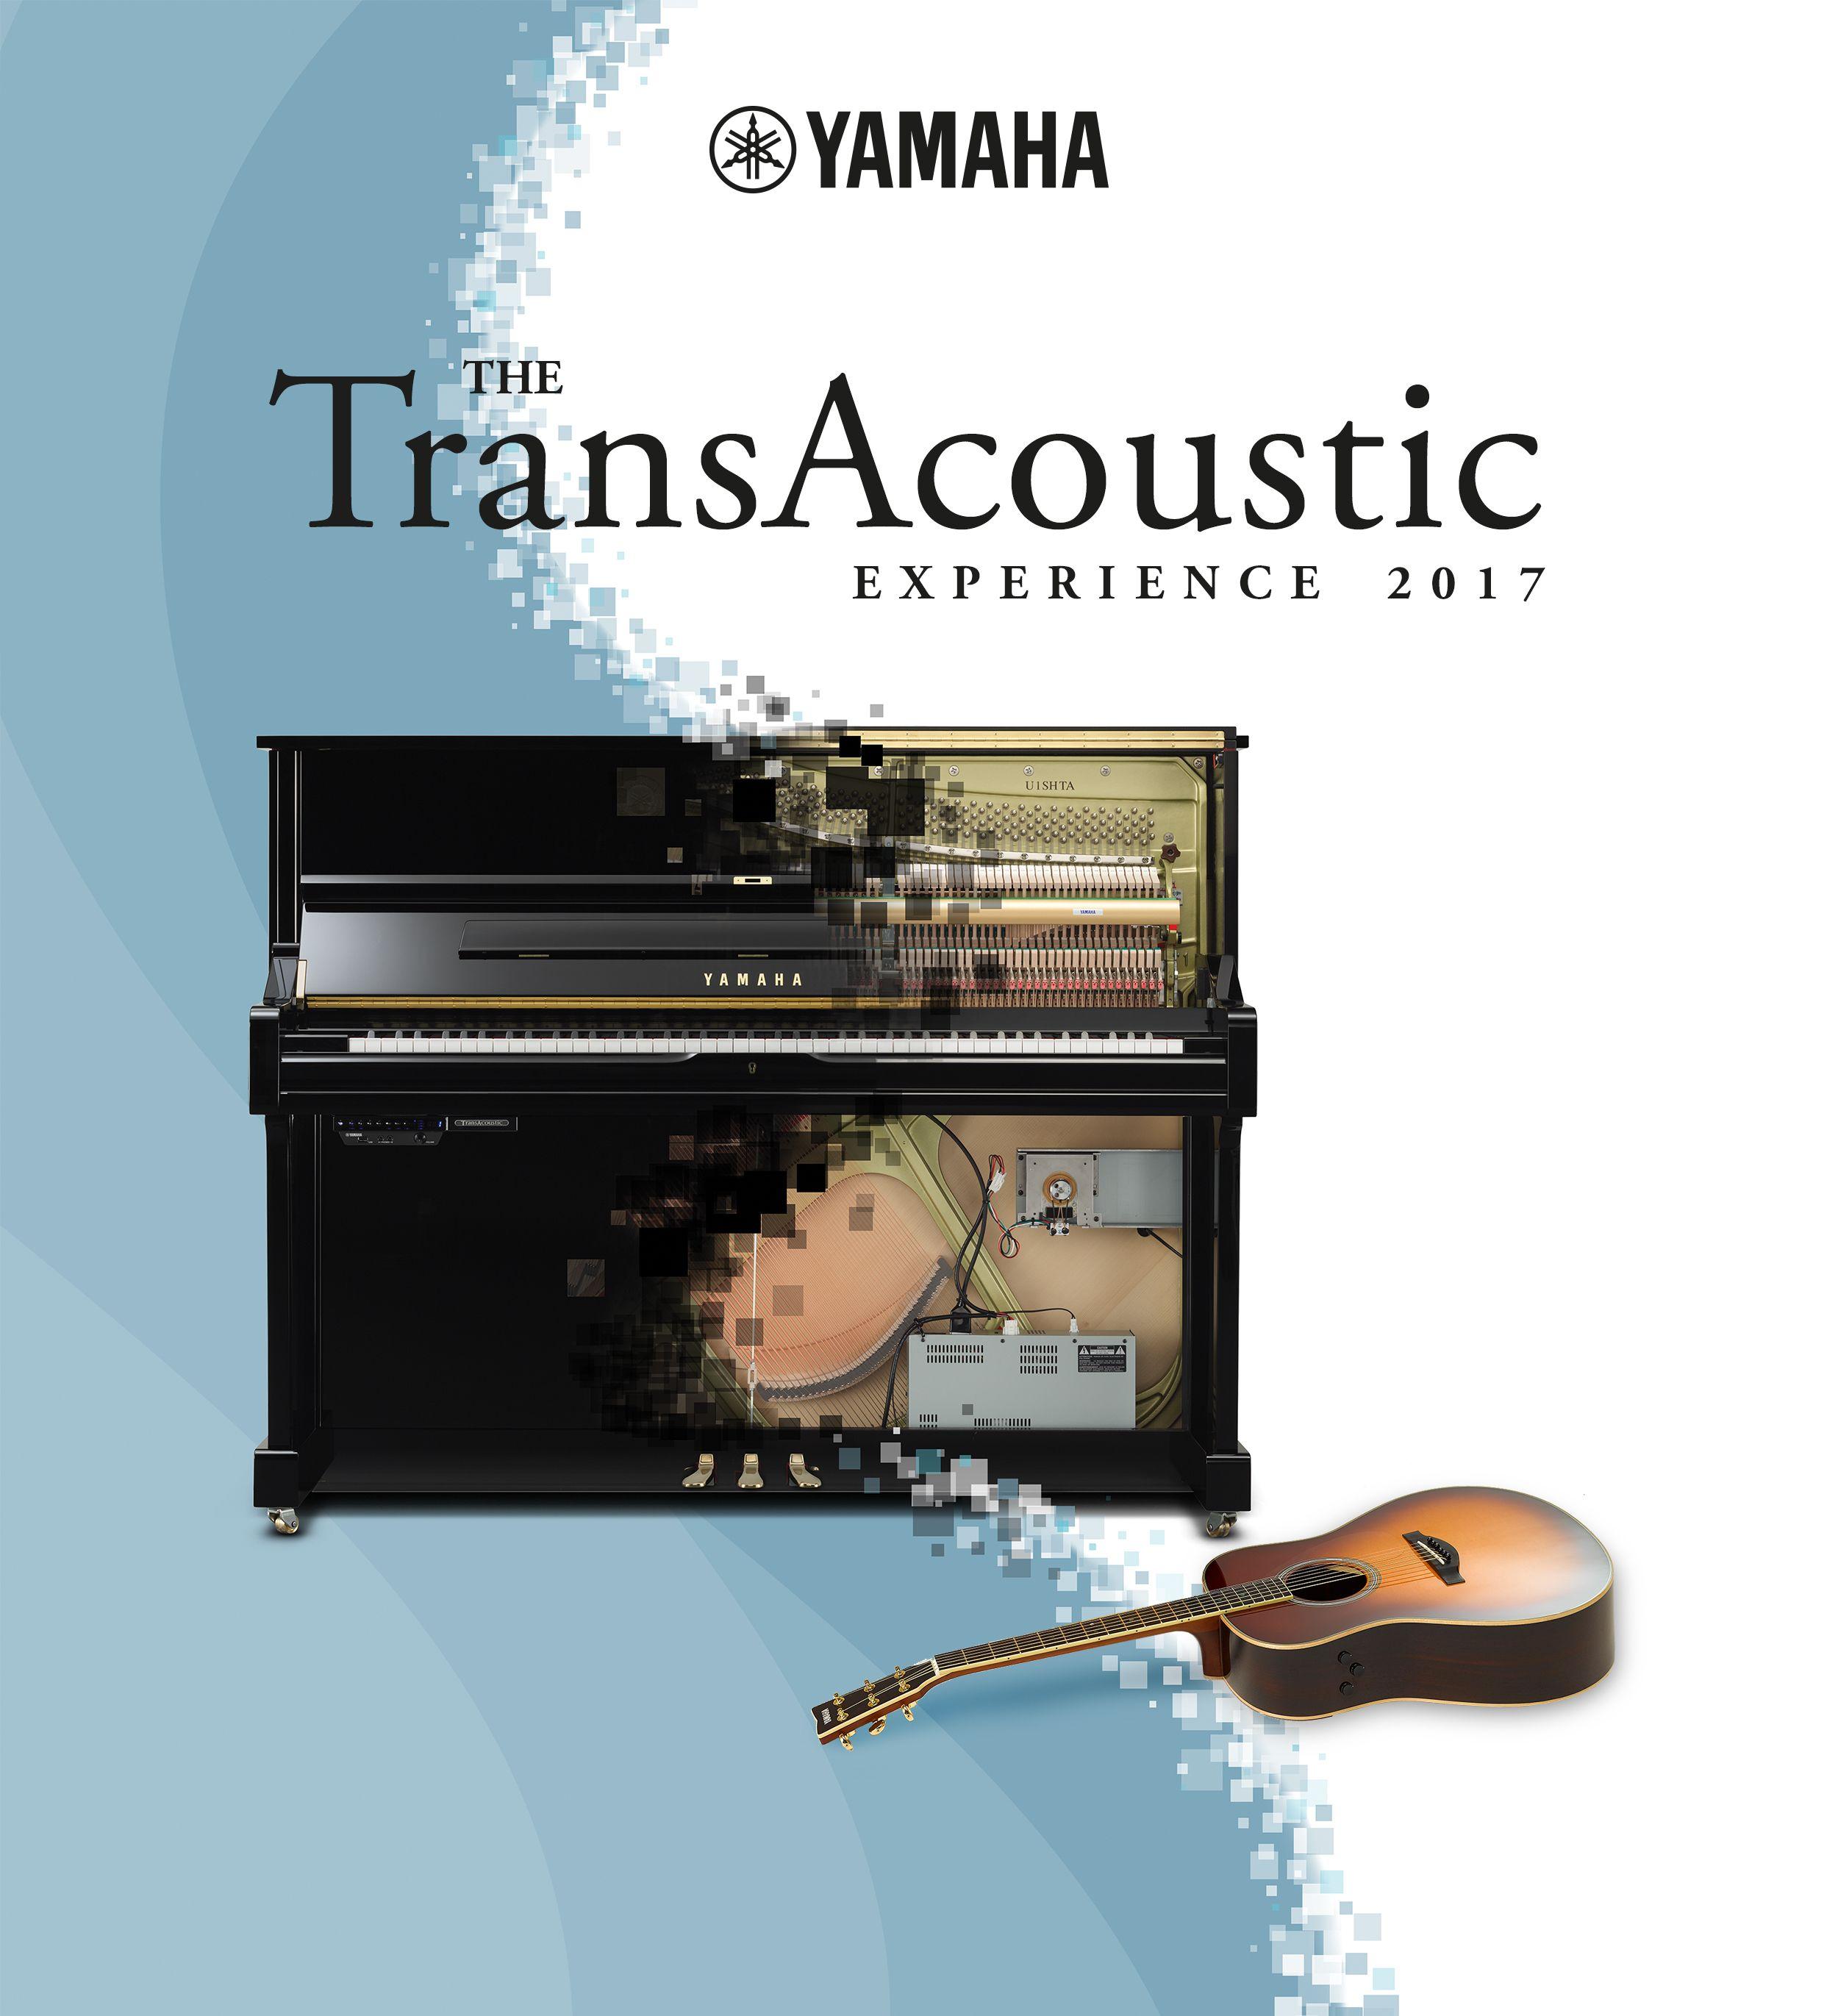 19 12 2017 Yamaha Transacoustic Show